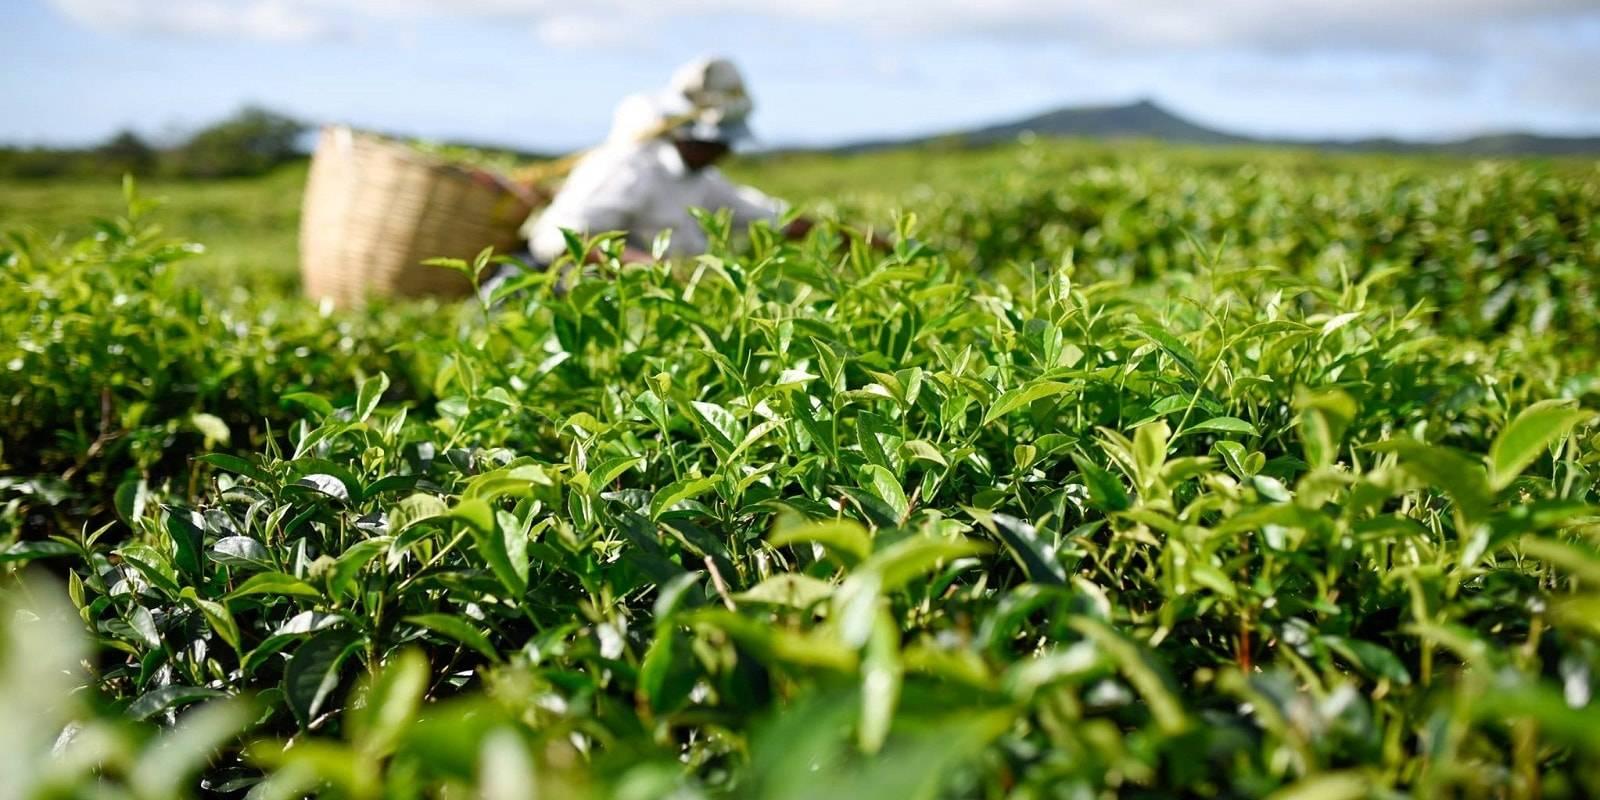 Le Domaine de Bois Chéri - The Mauritius Tea Factory